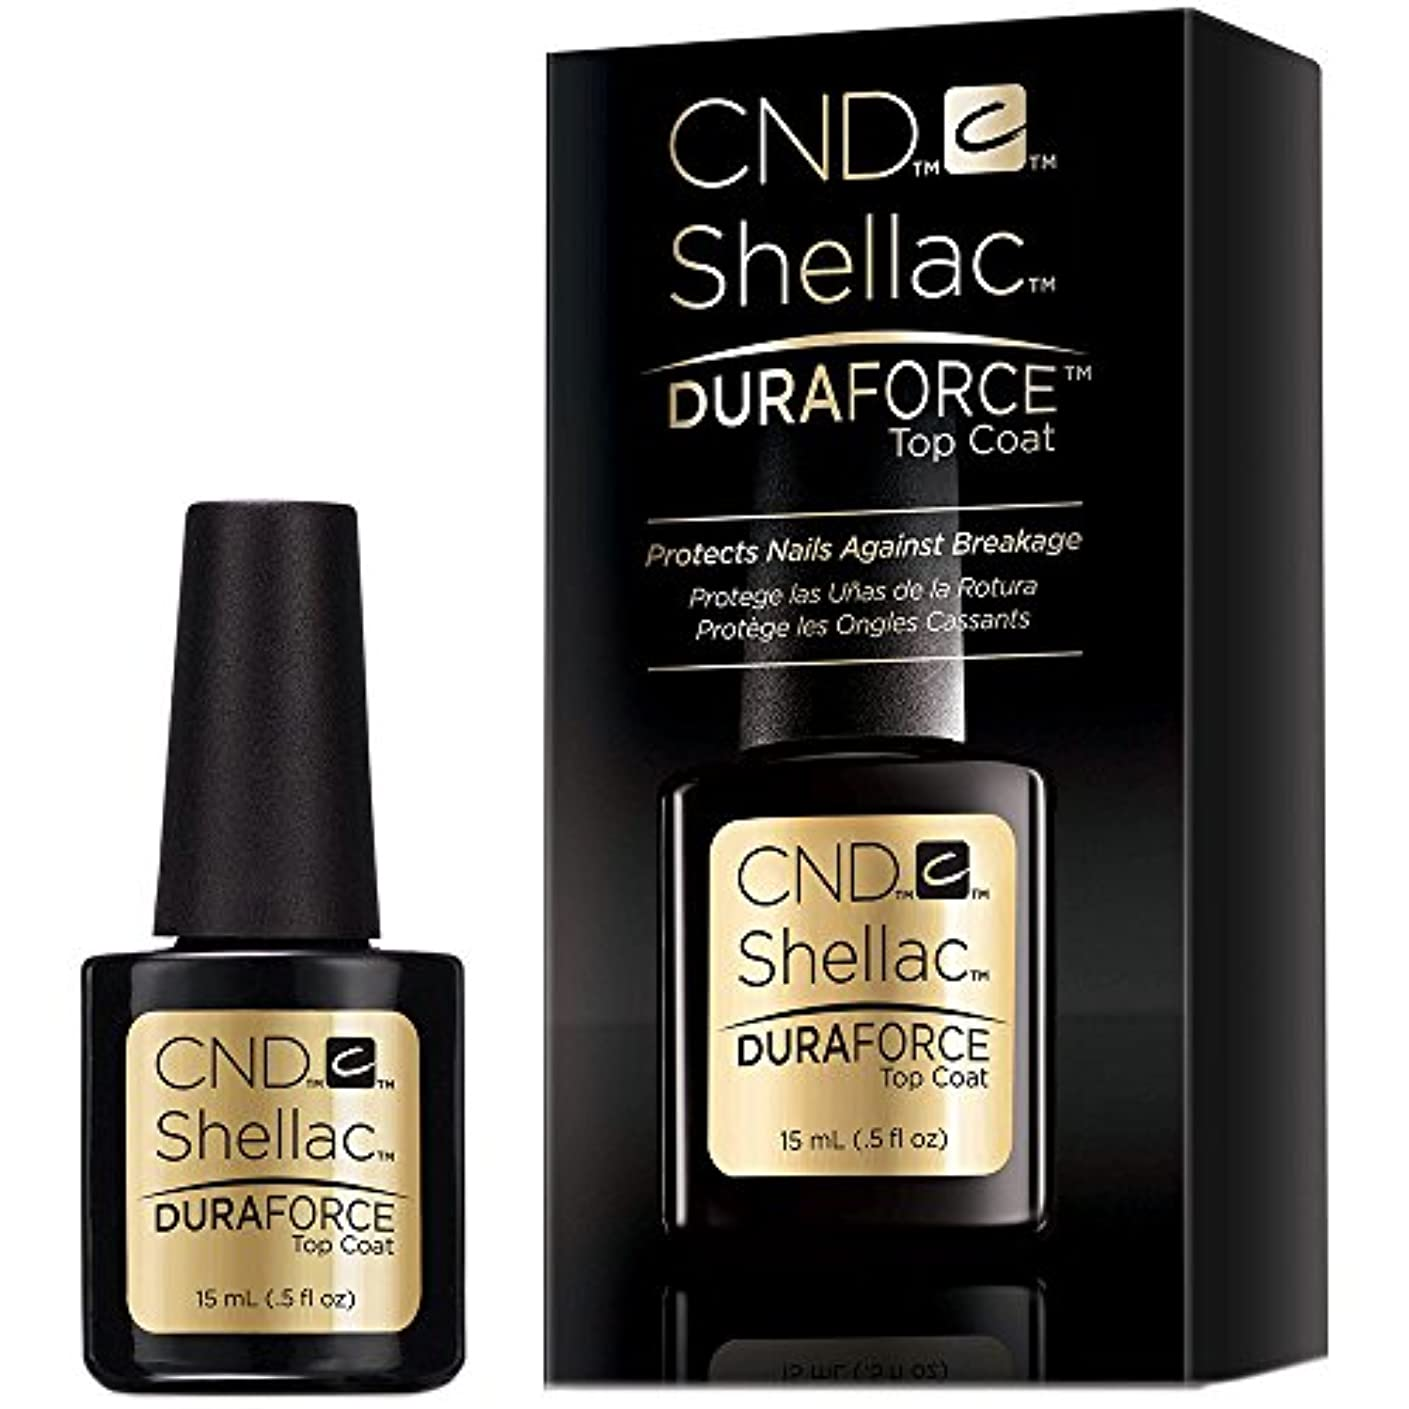 戻す適切な言い訳CND Shellac Gel Polish - Duraforce Top Coat - 0.5oz / 15ml